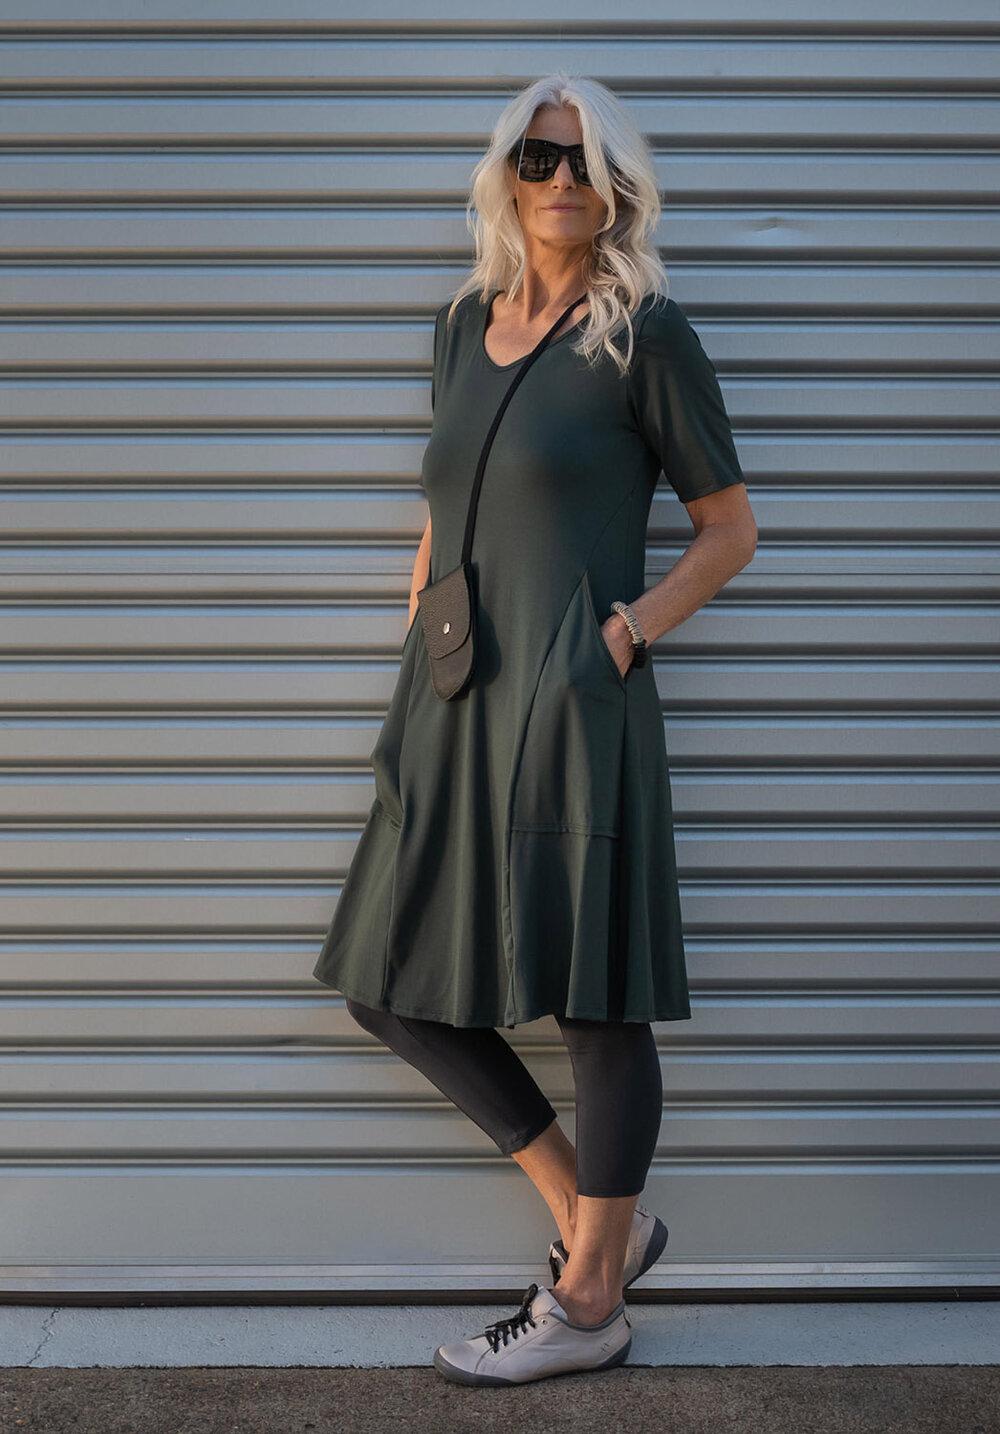 Ashen dress + Lanky 7/8 legging